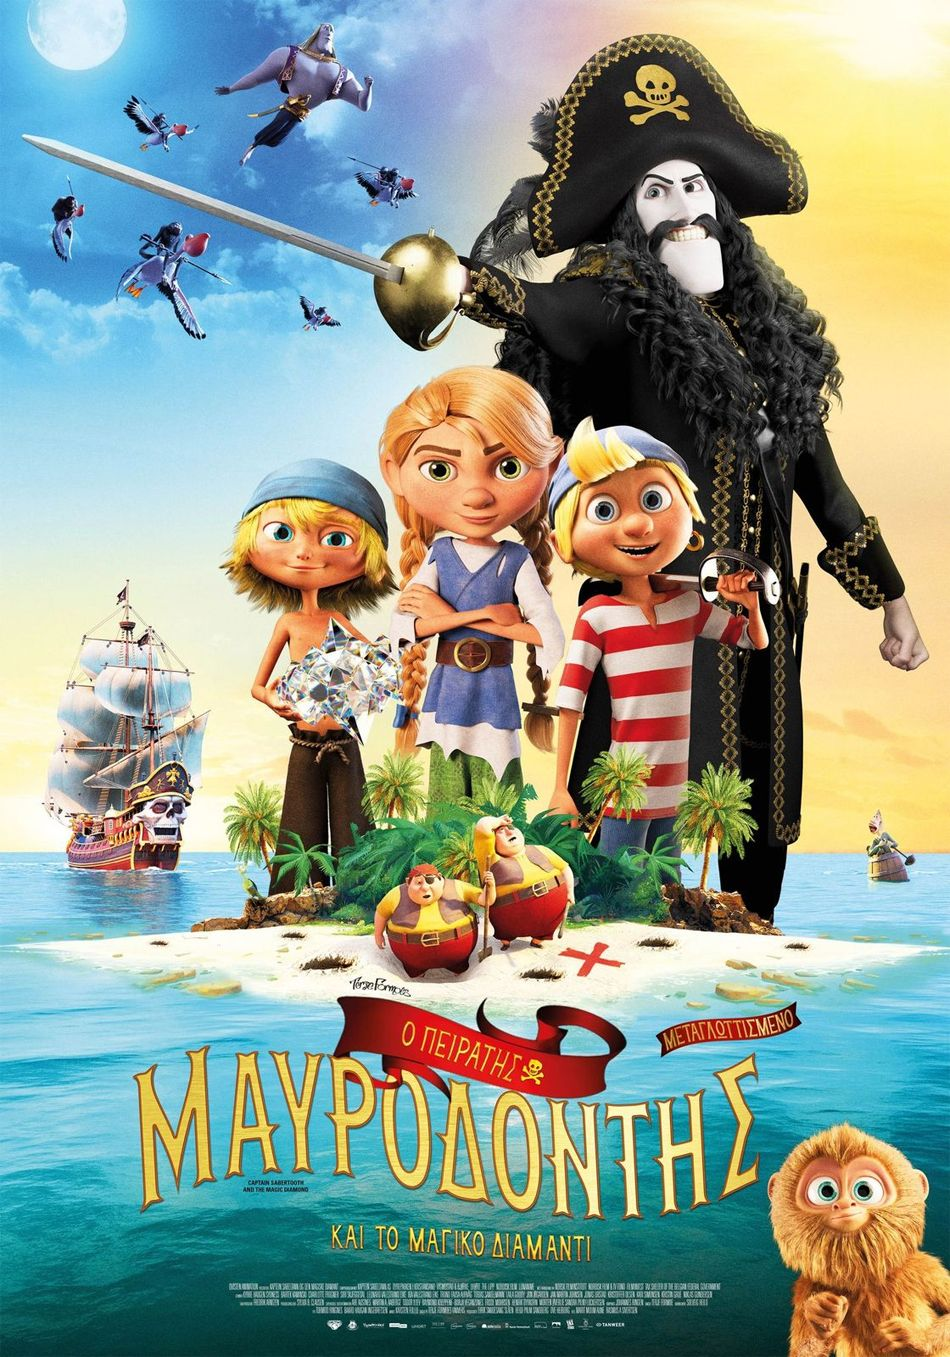 Ο Πειρατής Μαυροδόντης Και Το Μαγικό Διαμάντι (Captain Sabertooth and The Magic Diamond) Poster